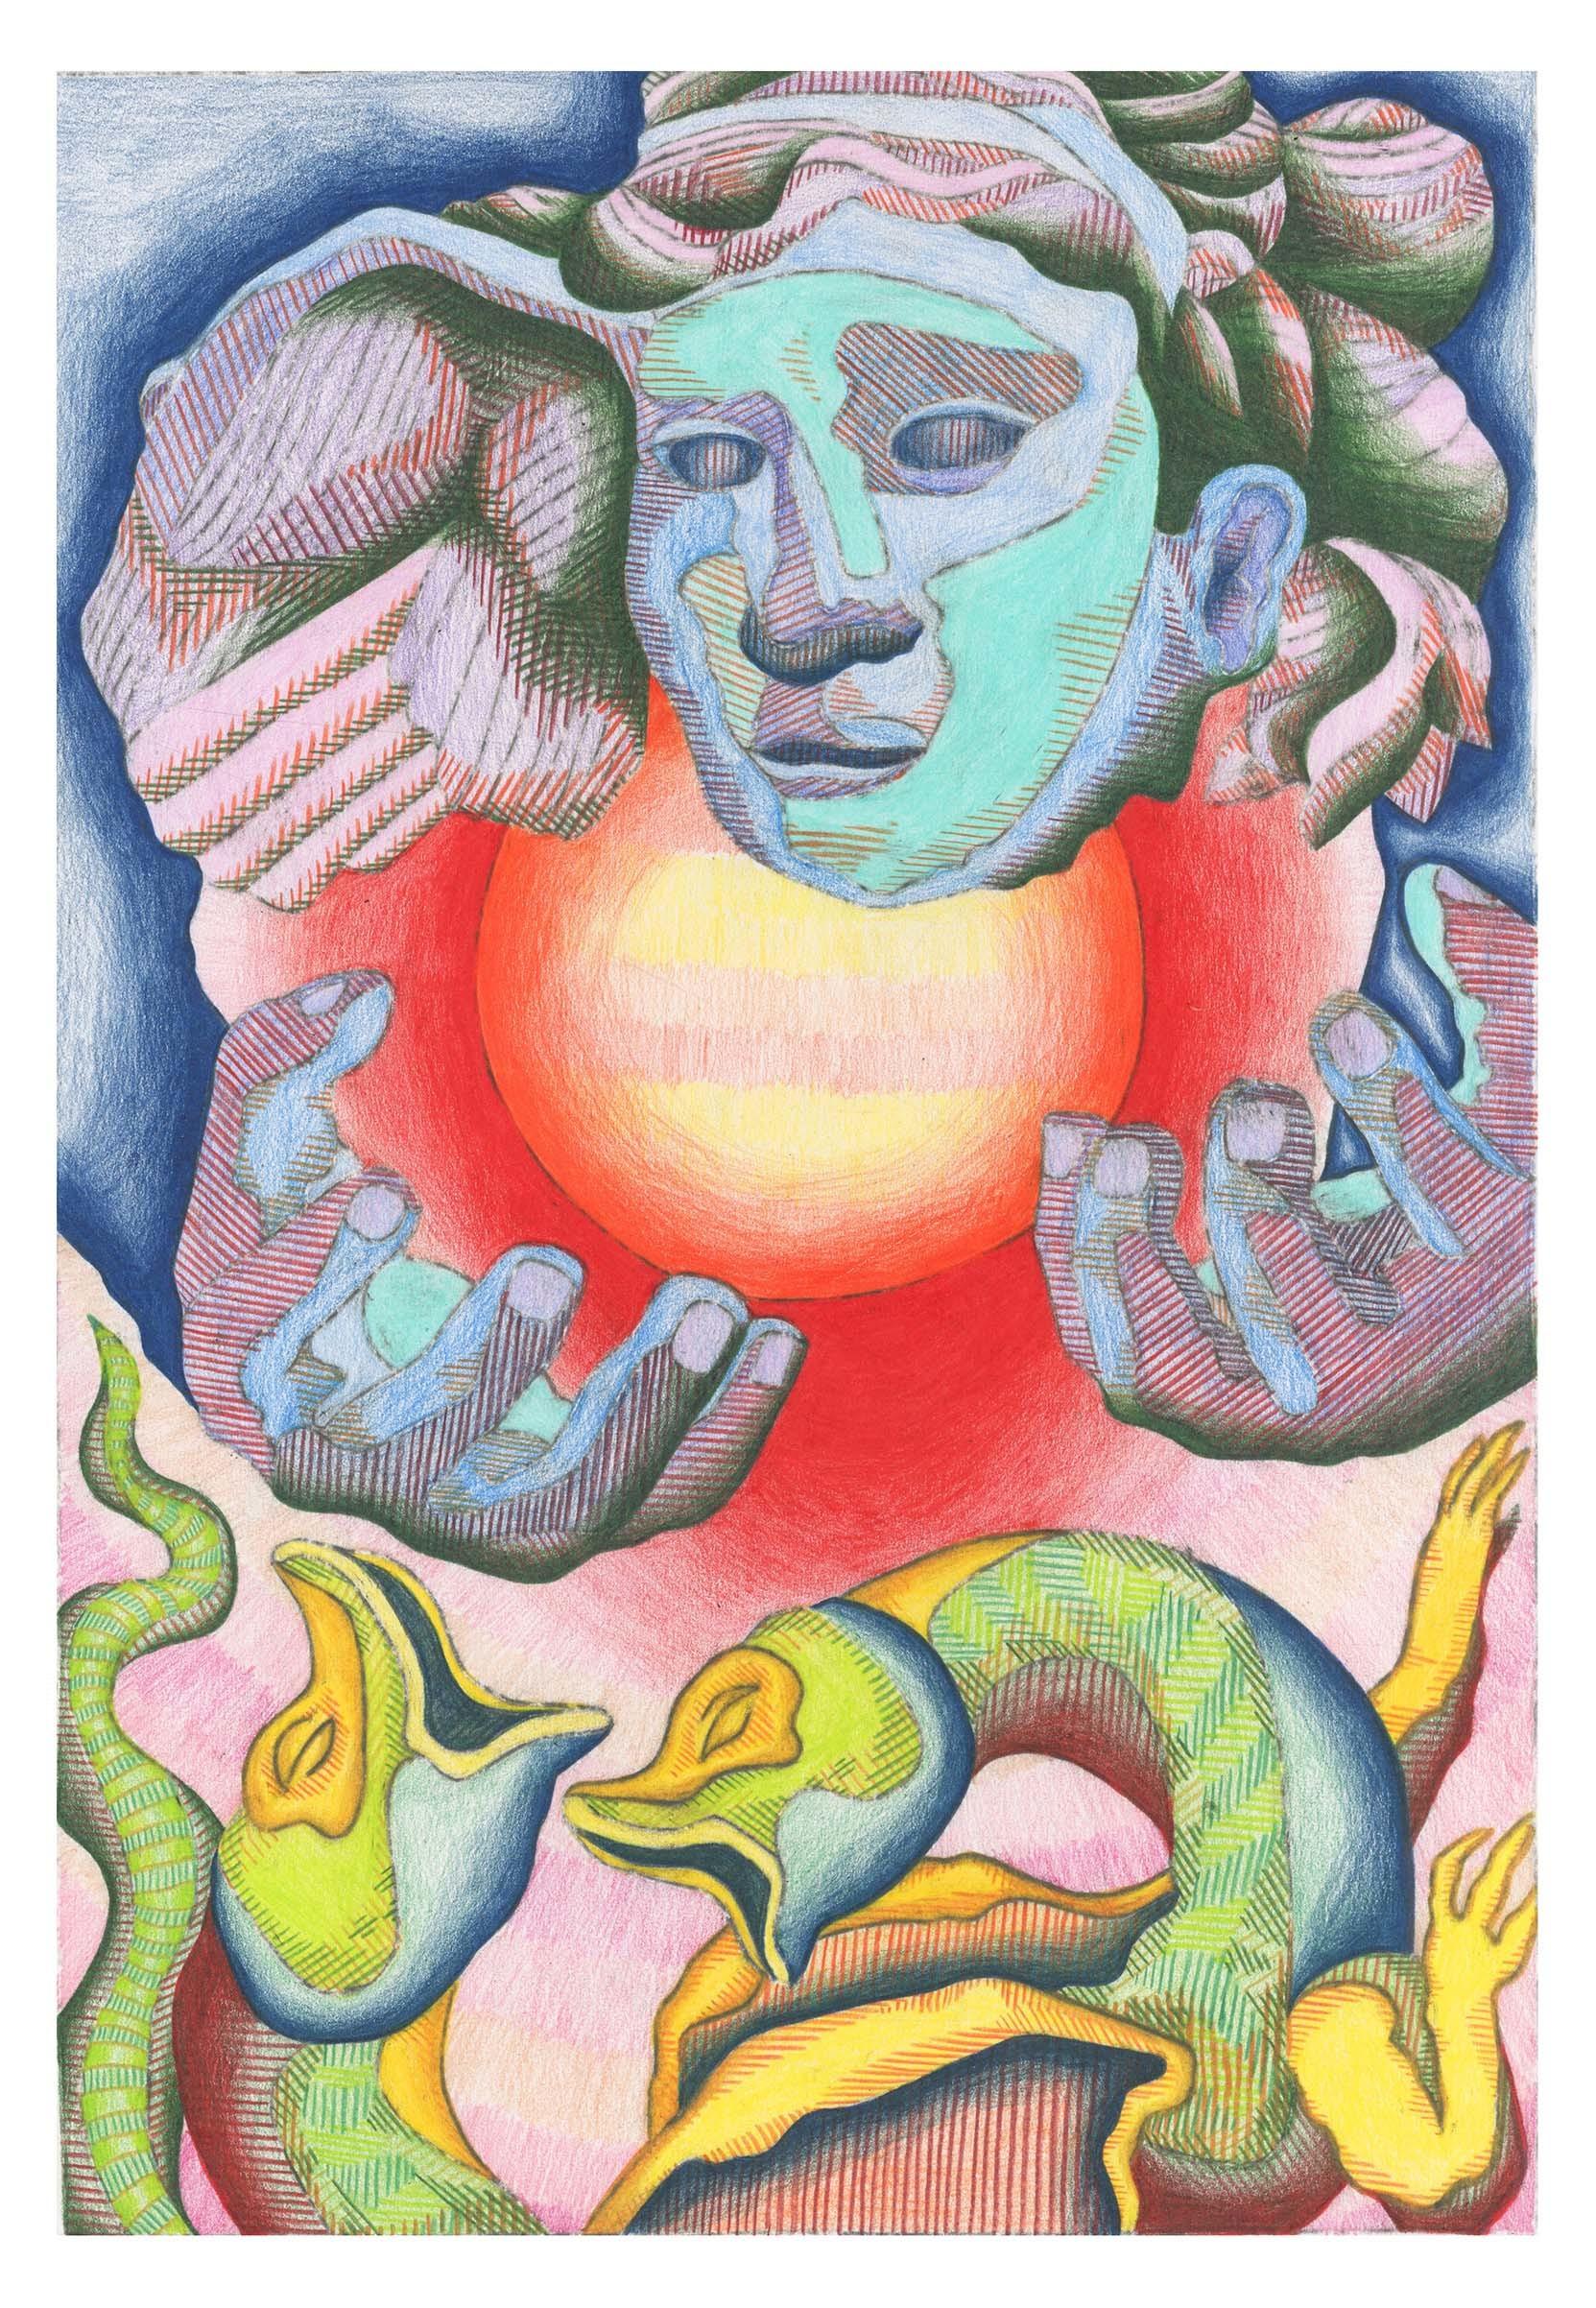 Semele student artwork from MassArt, Weightman